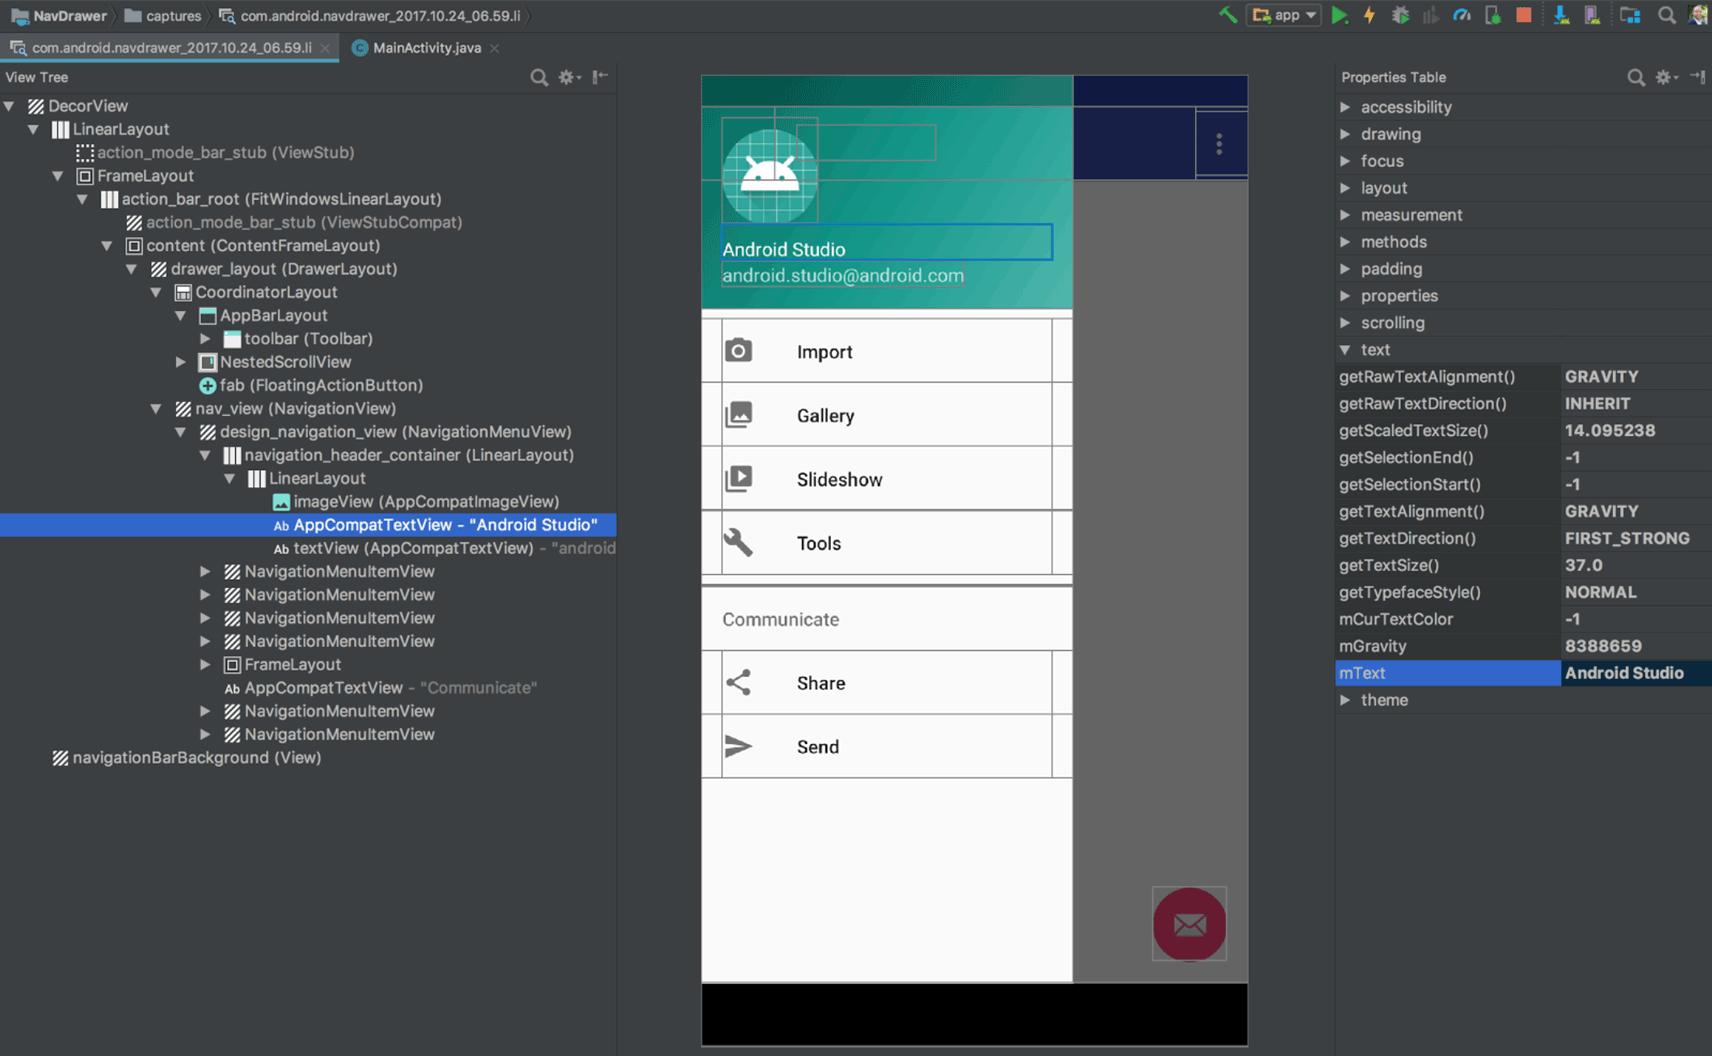 Membuat Proyek Aplikasi Android Yang Mudah